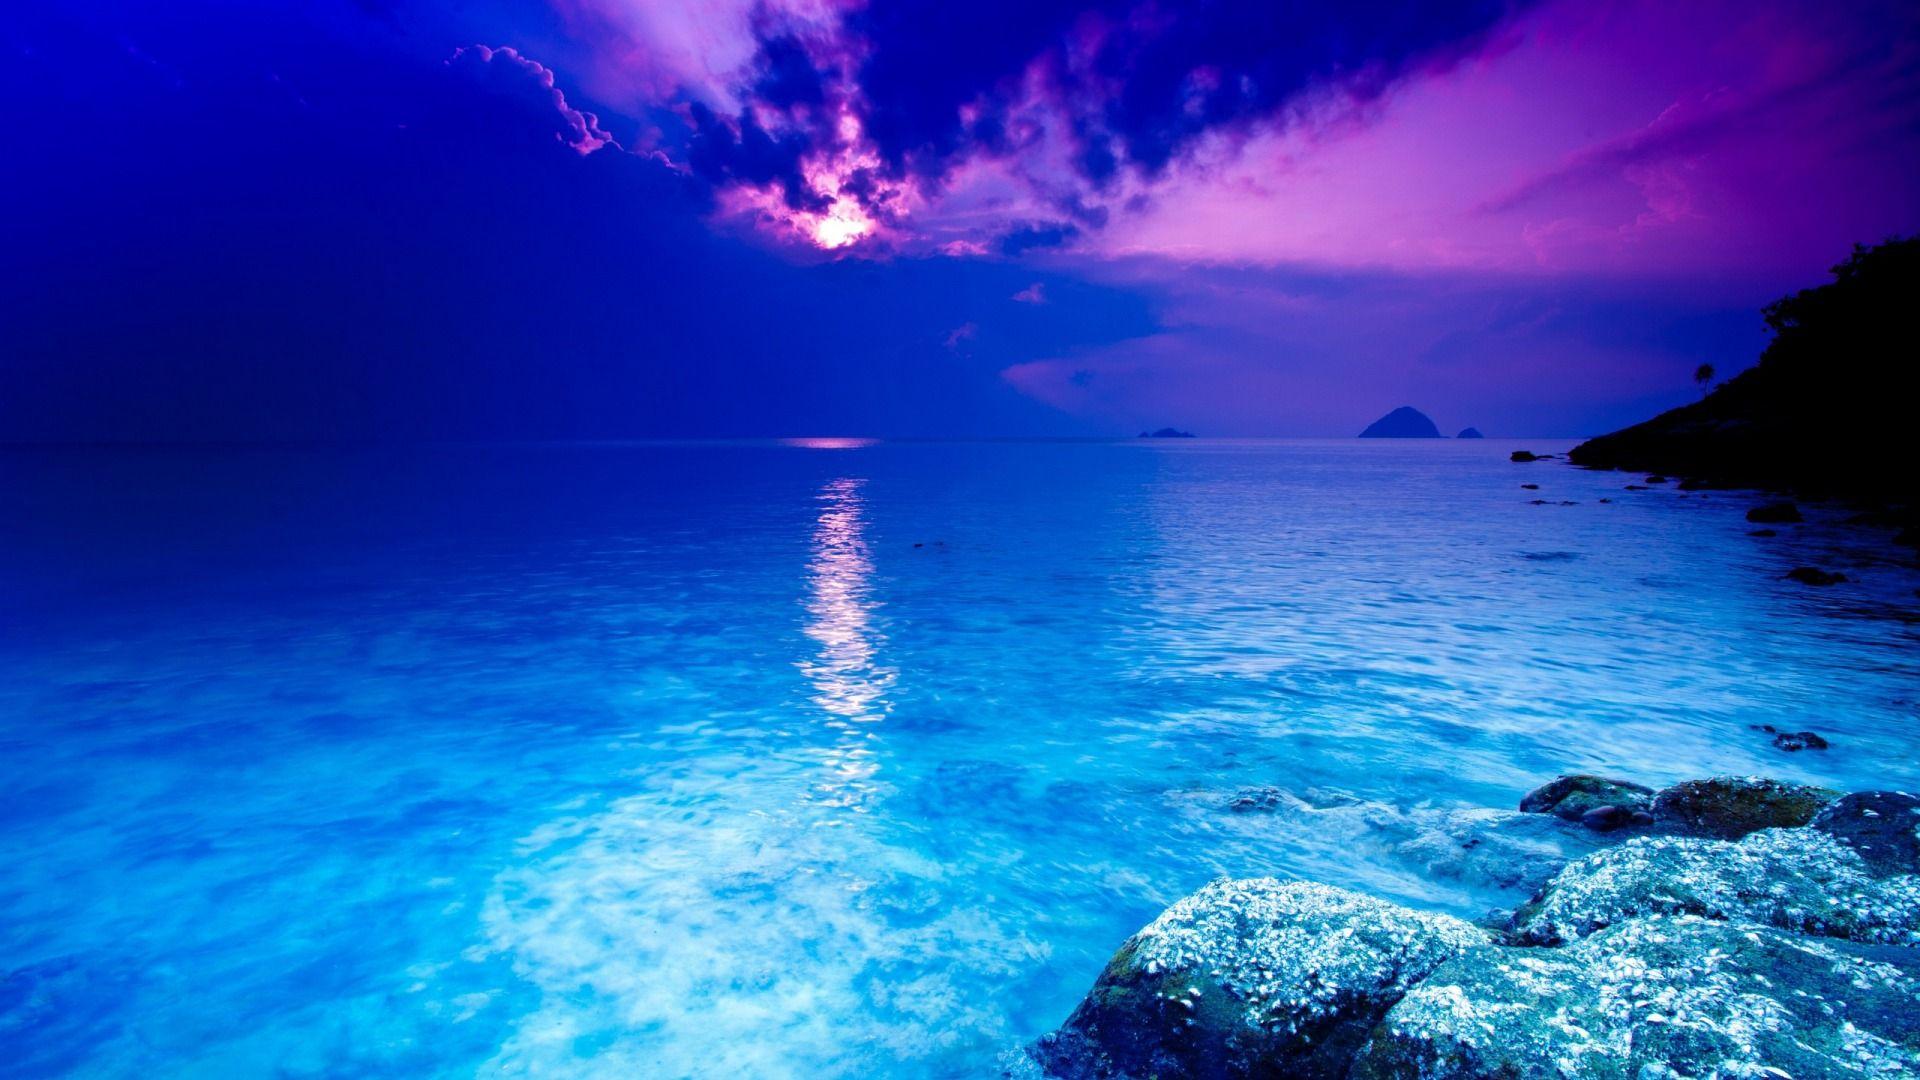 Ocean Backgrounds download 1920x1080